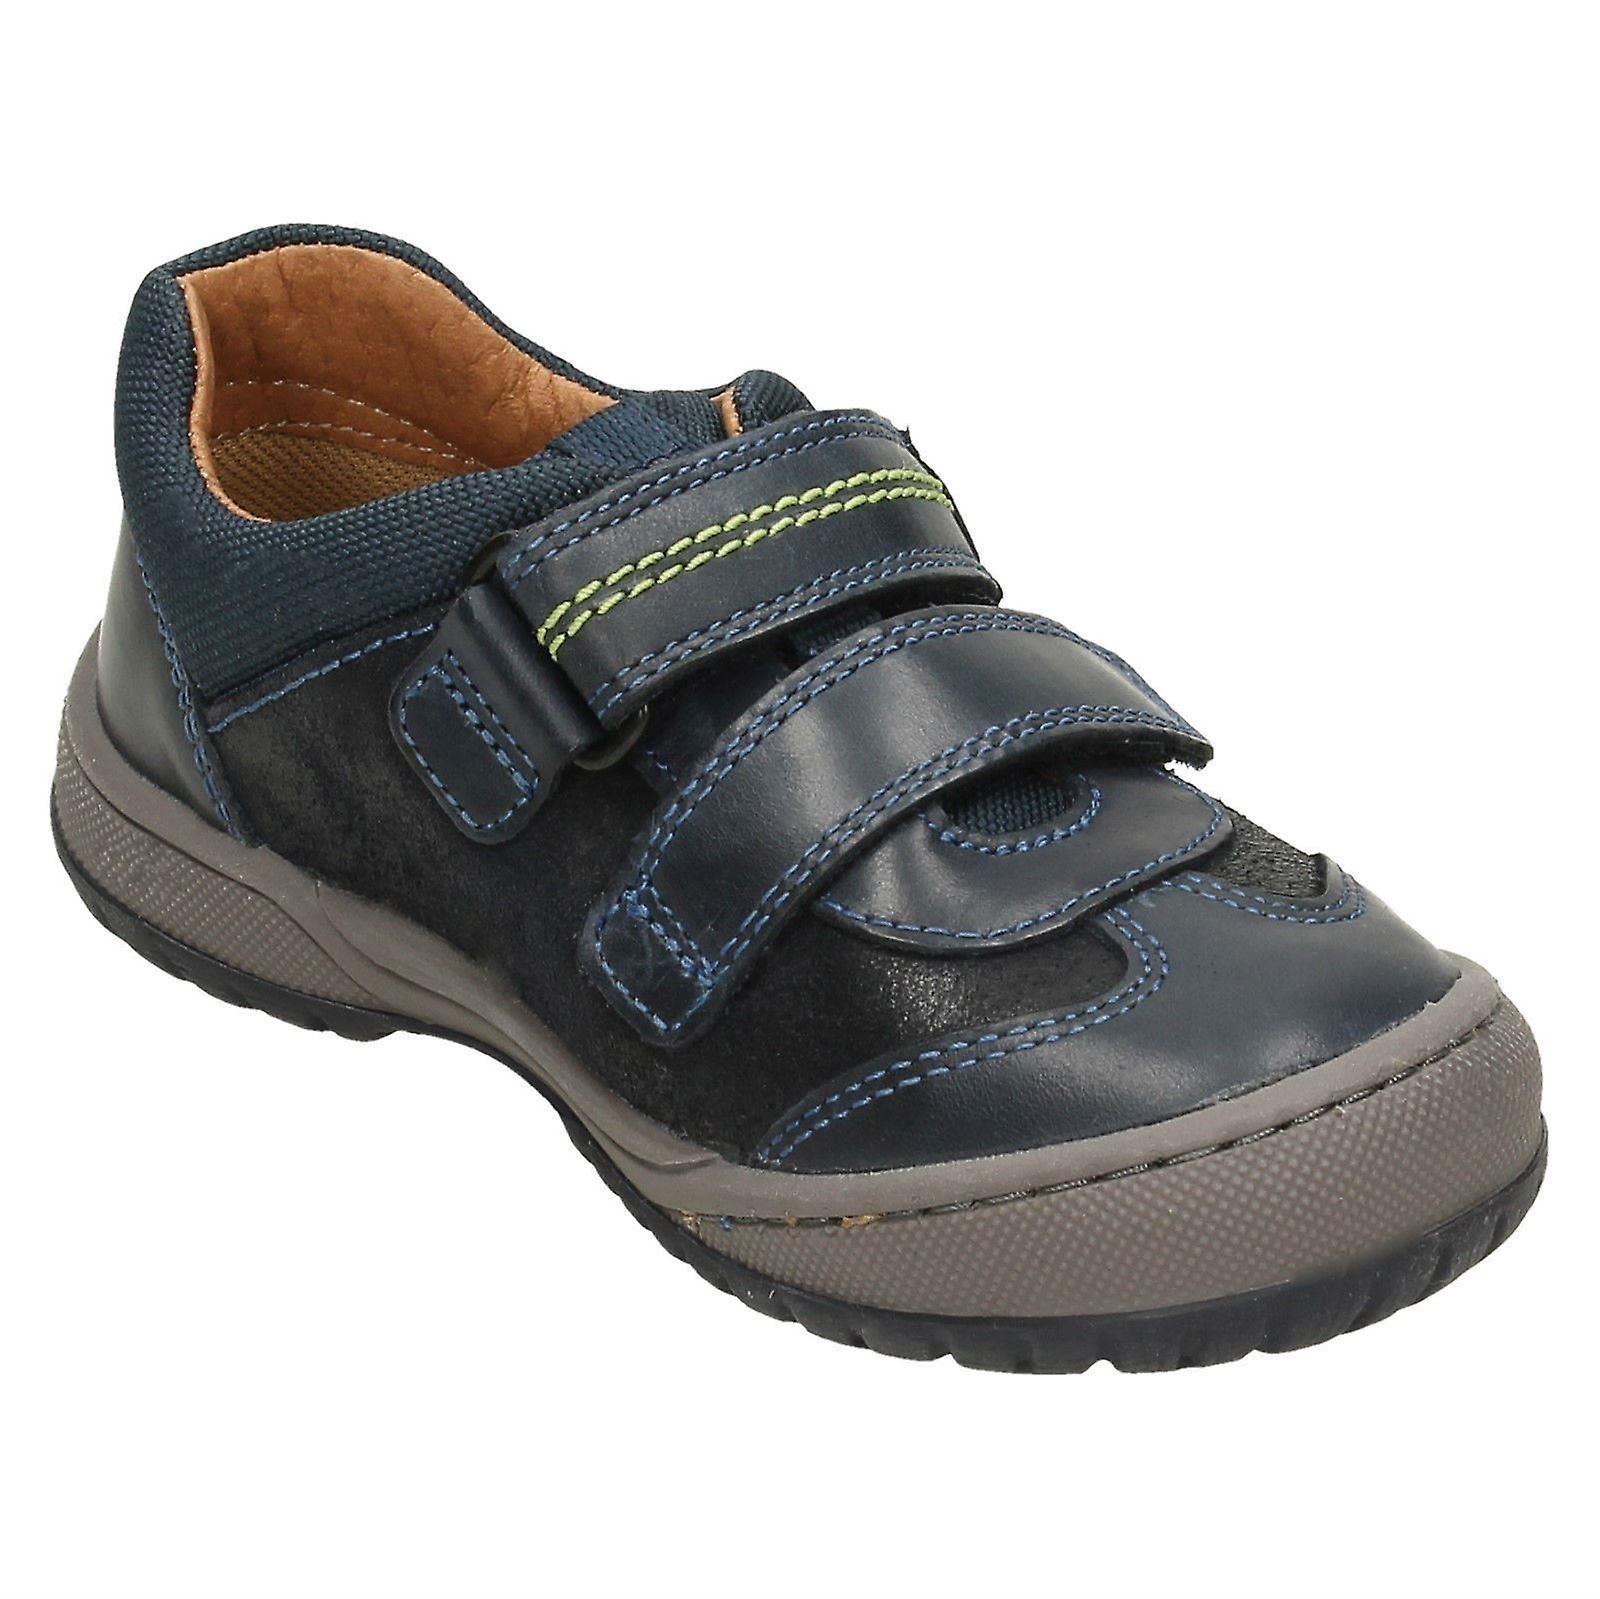 Garçons Startrite Casual Shoes Flexy Pré Difficile